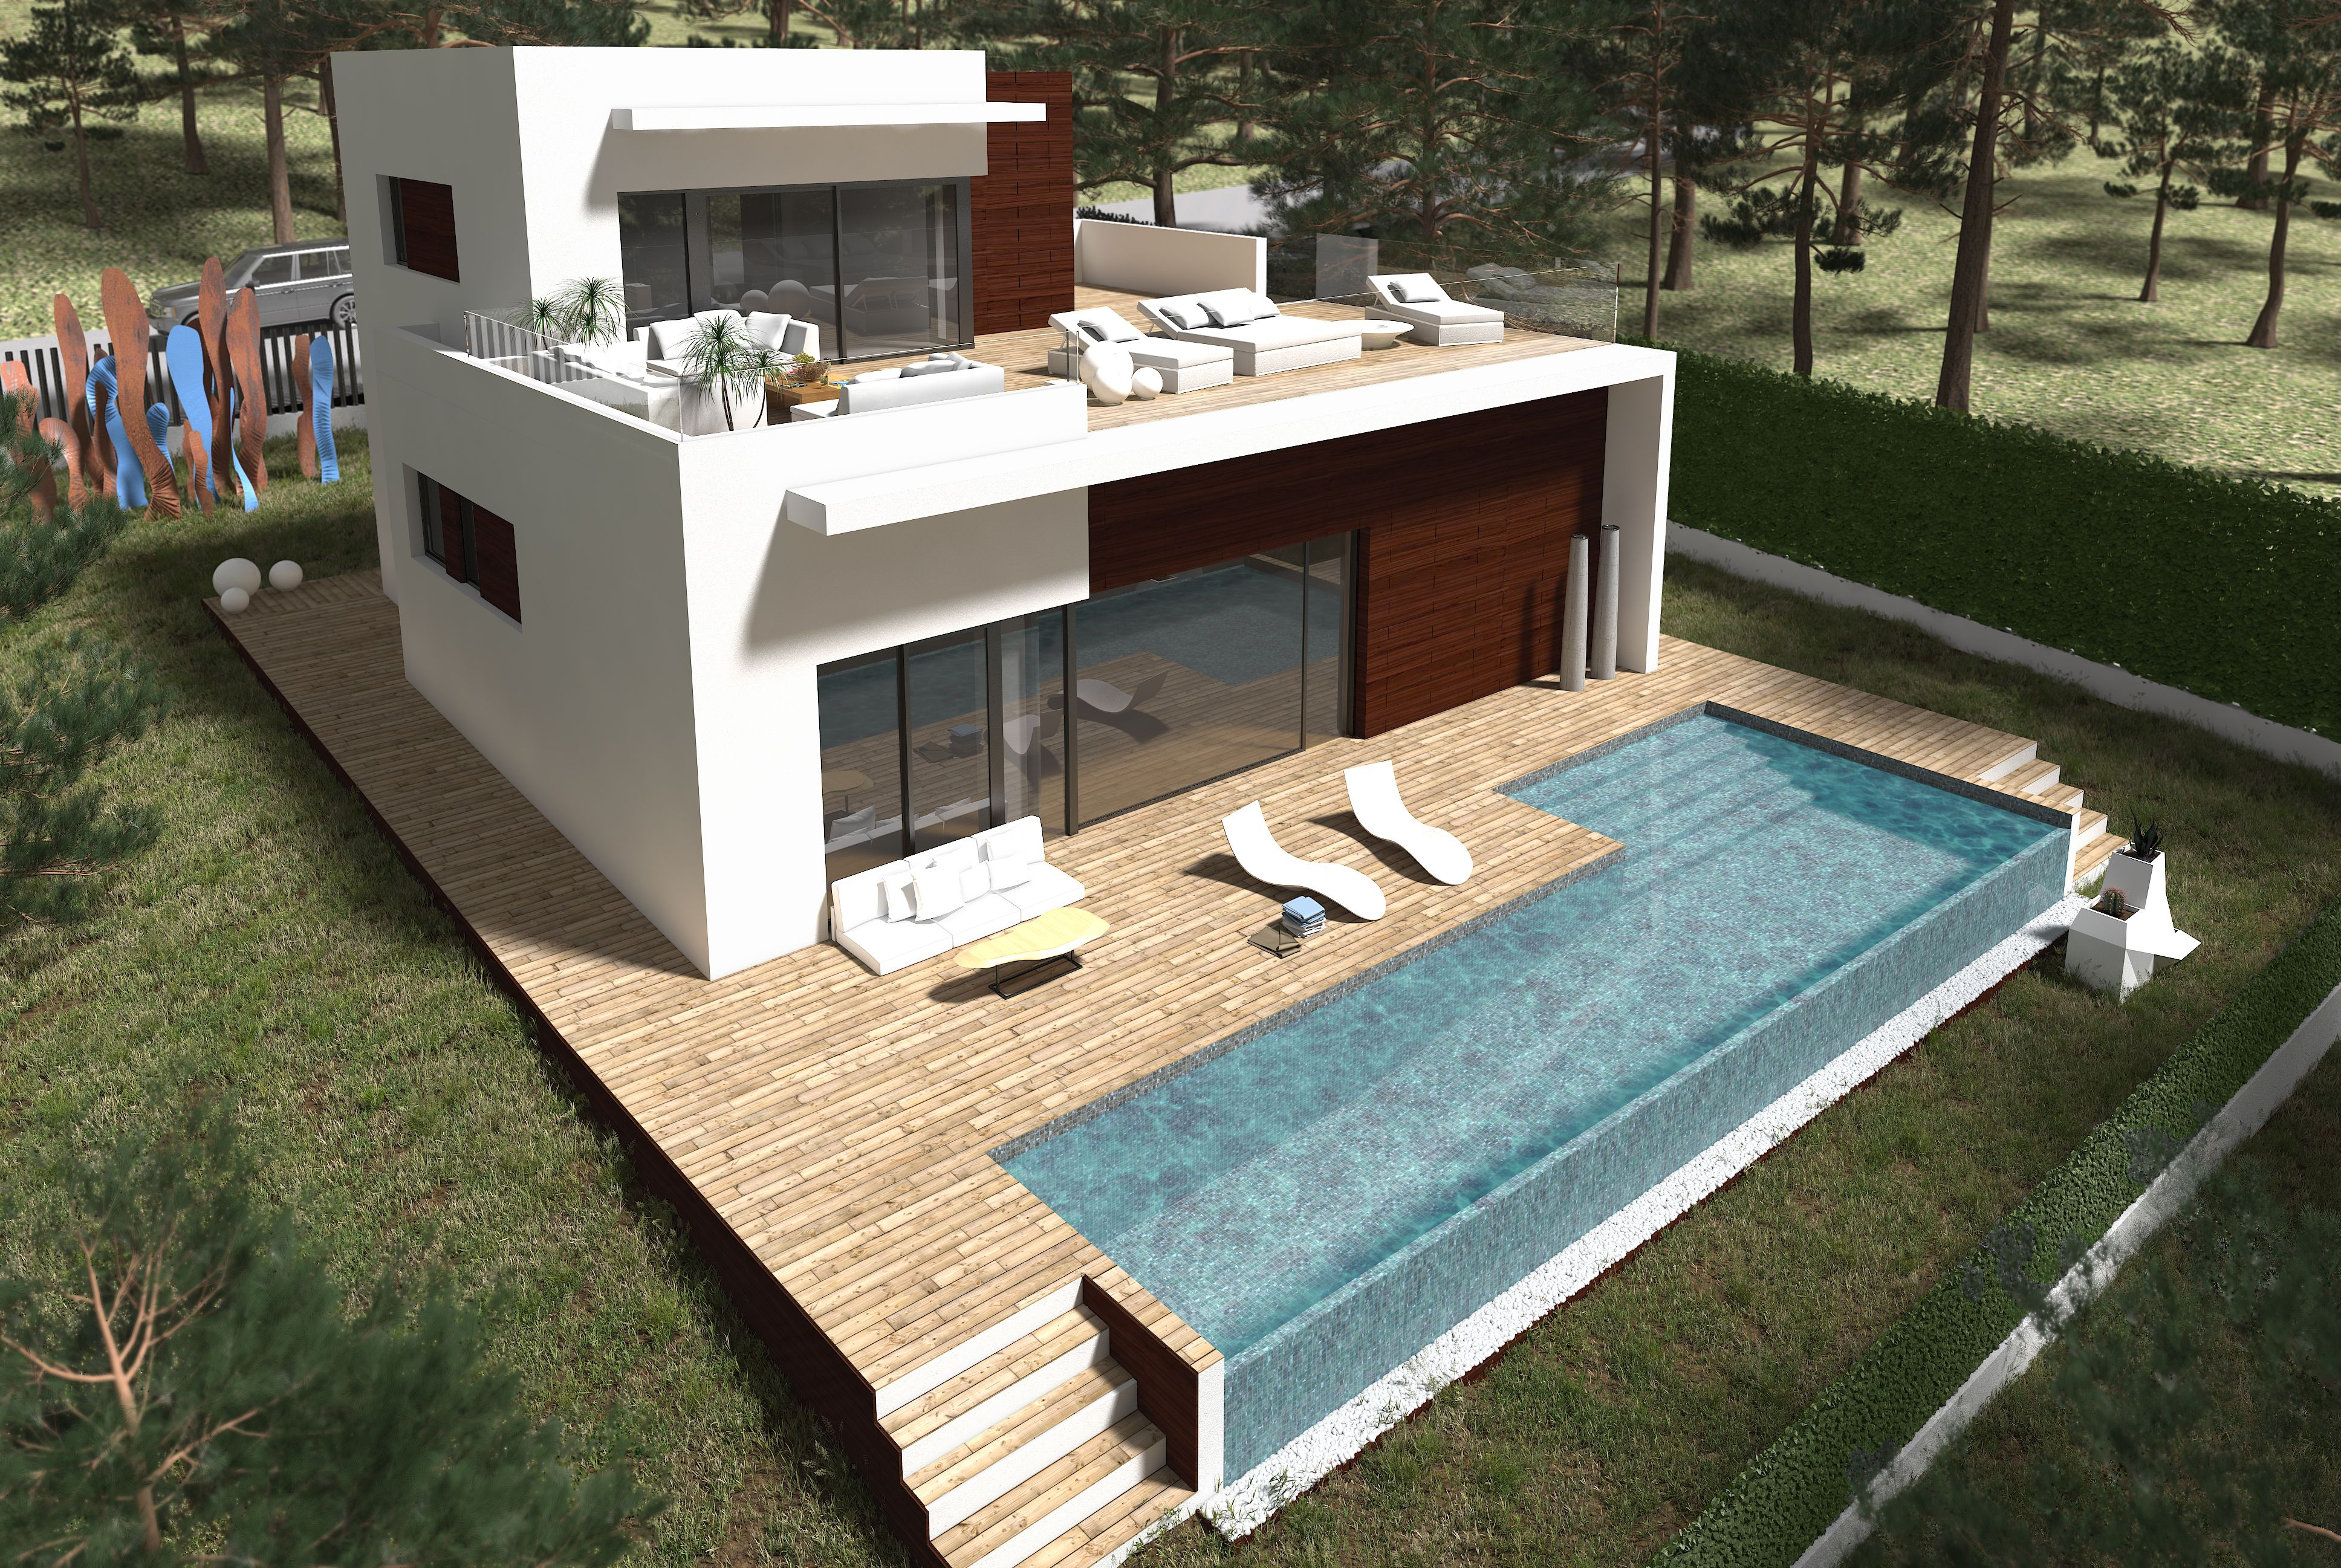 Benissa la fustera villa 160 m2 inside living 800 m2 - Casas en benissa ...